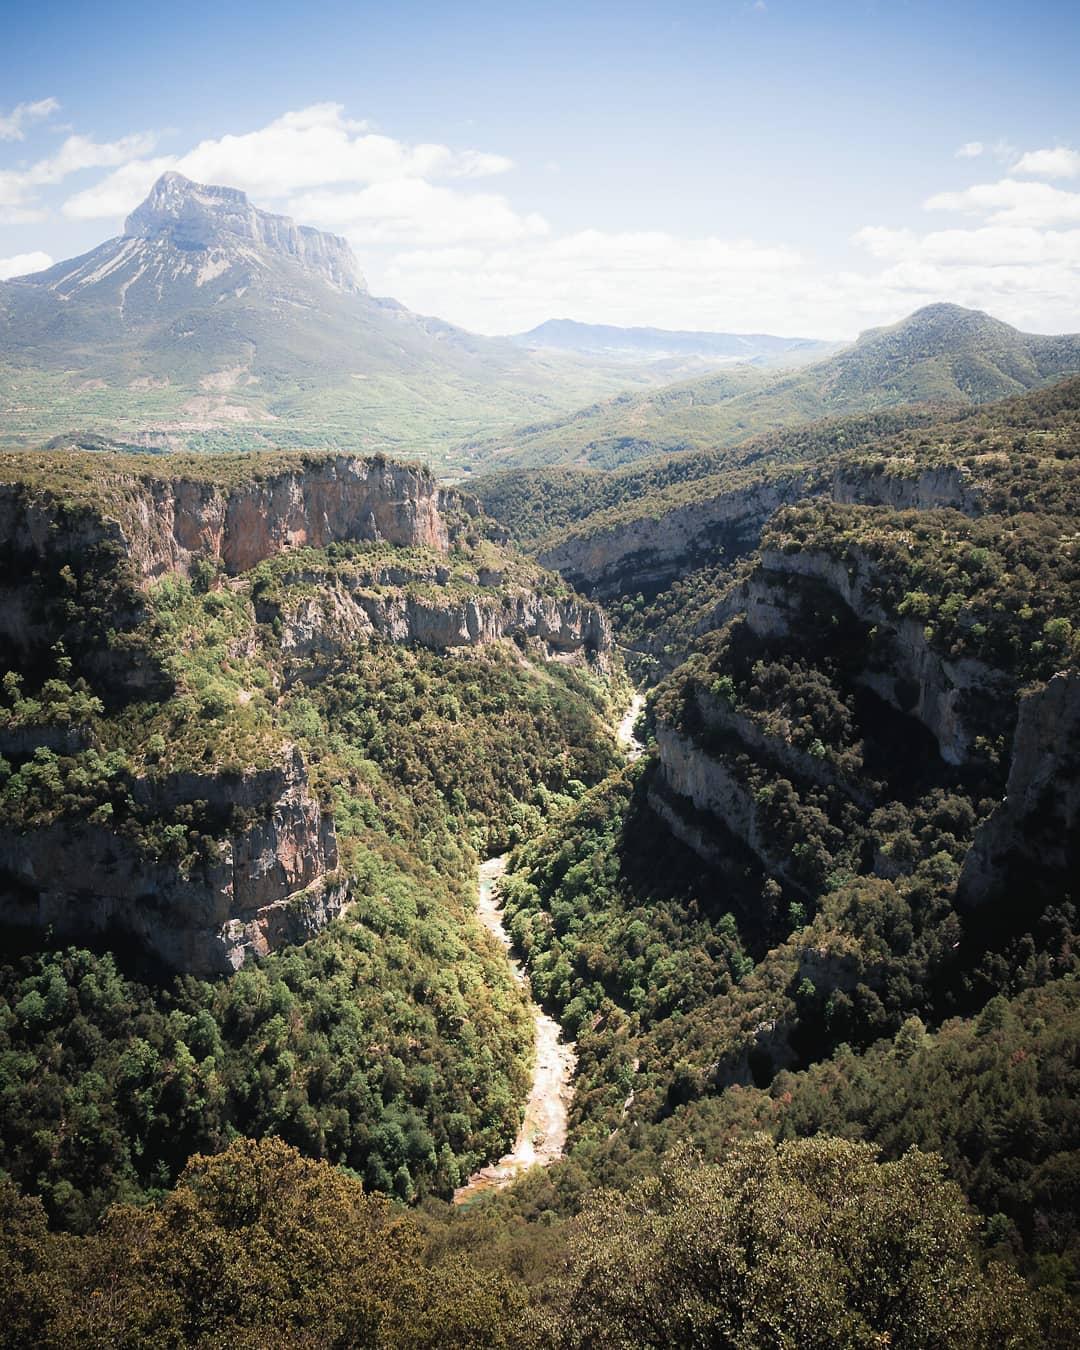 Fotografía montaña Pirineos by @gomezburgio